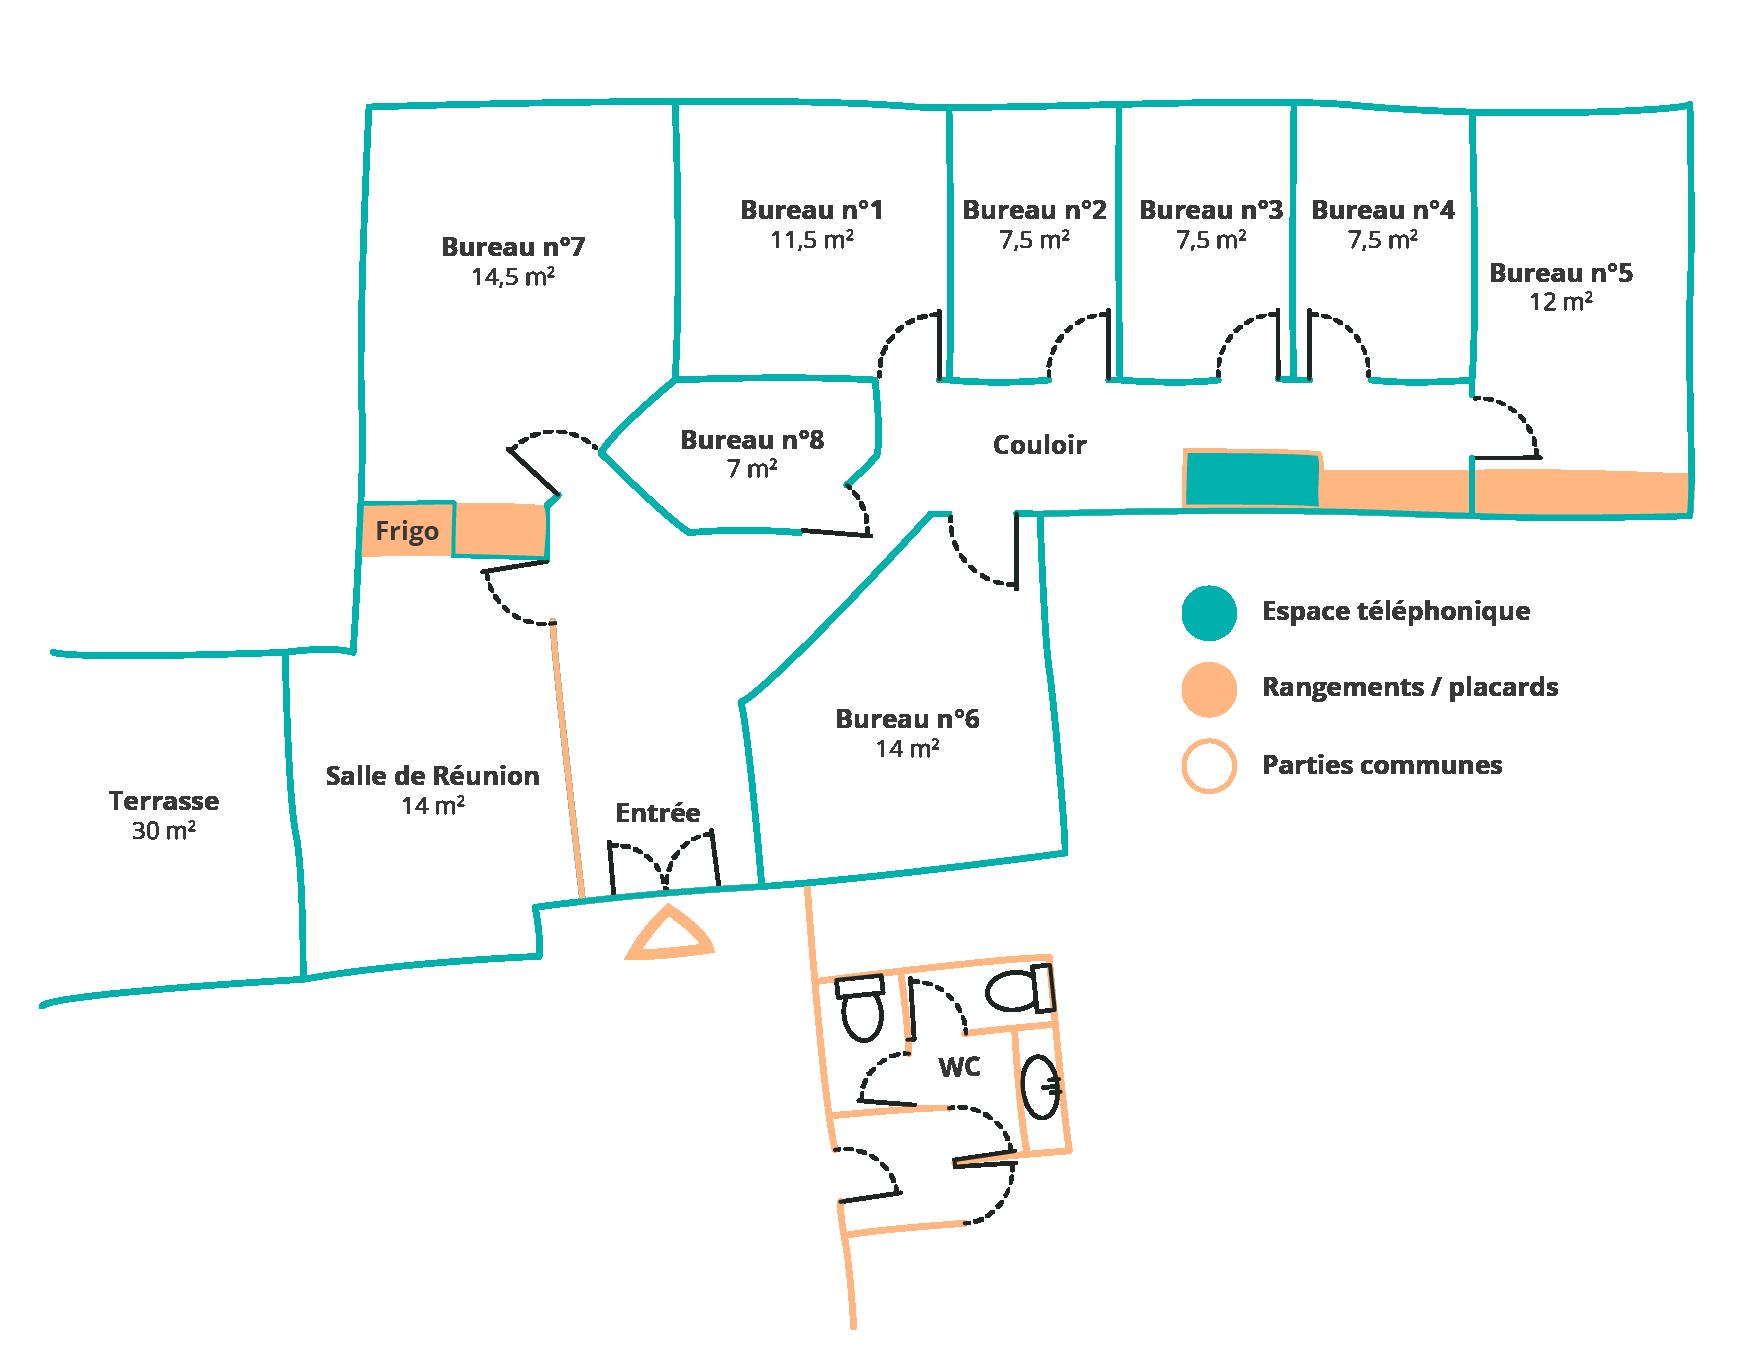 Répartition des bureaux de Bordo Buro